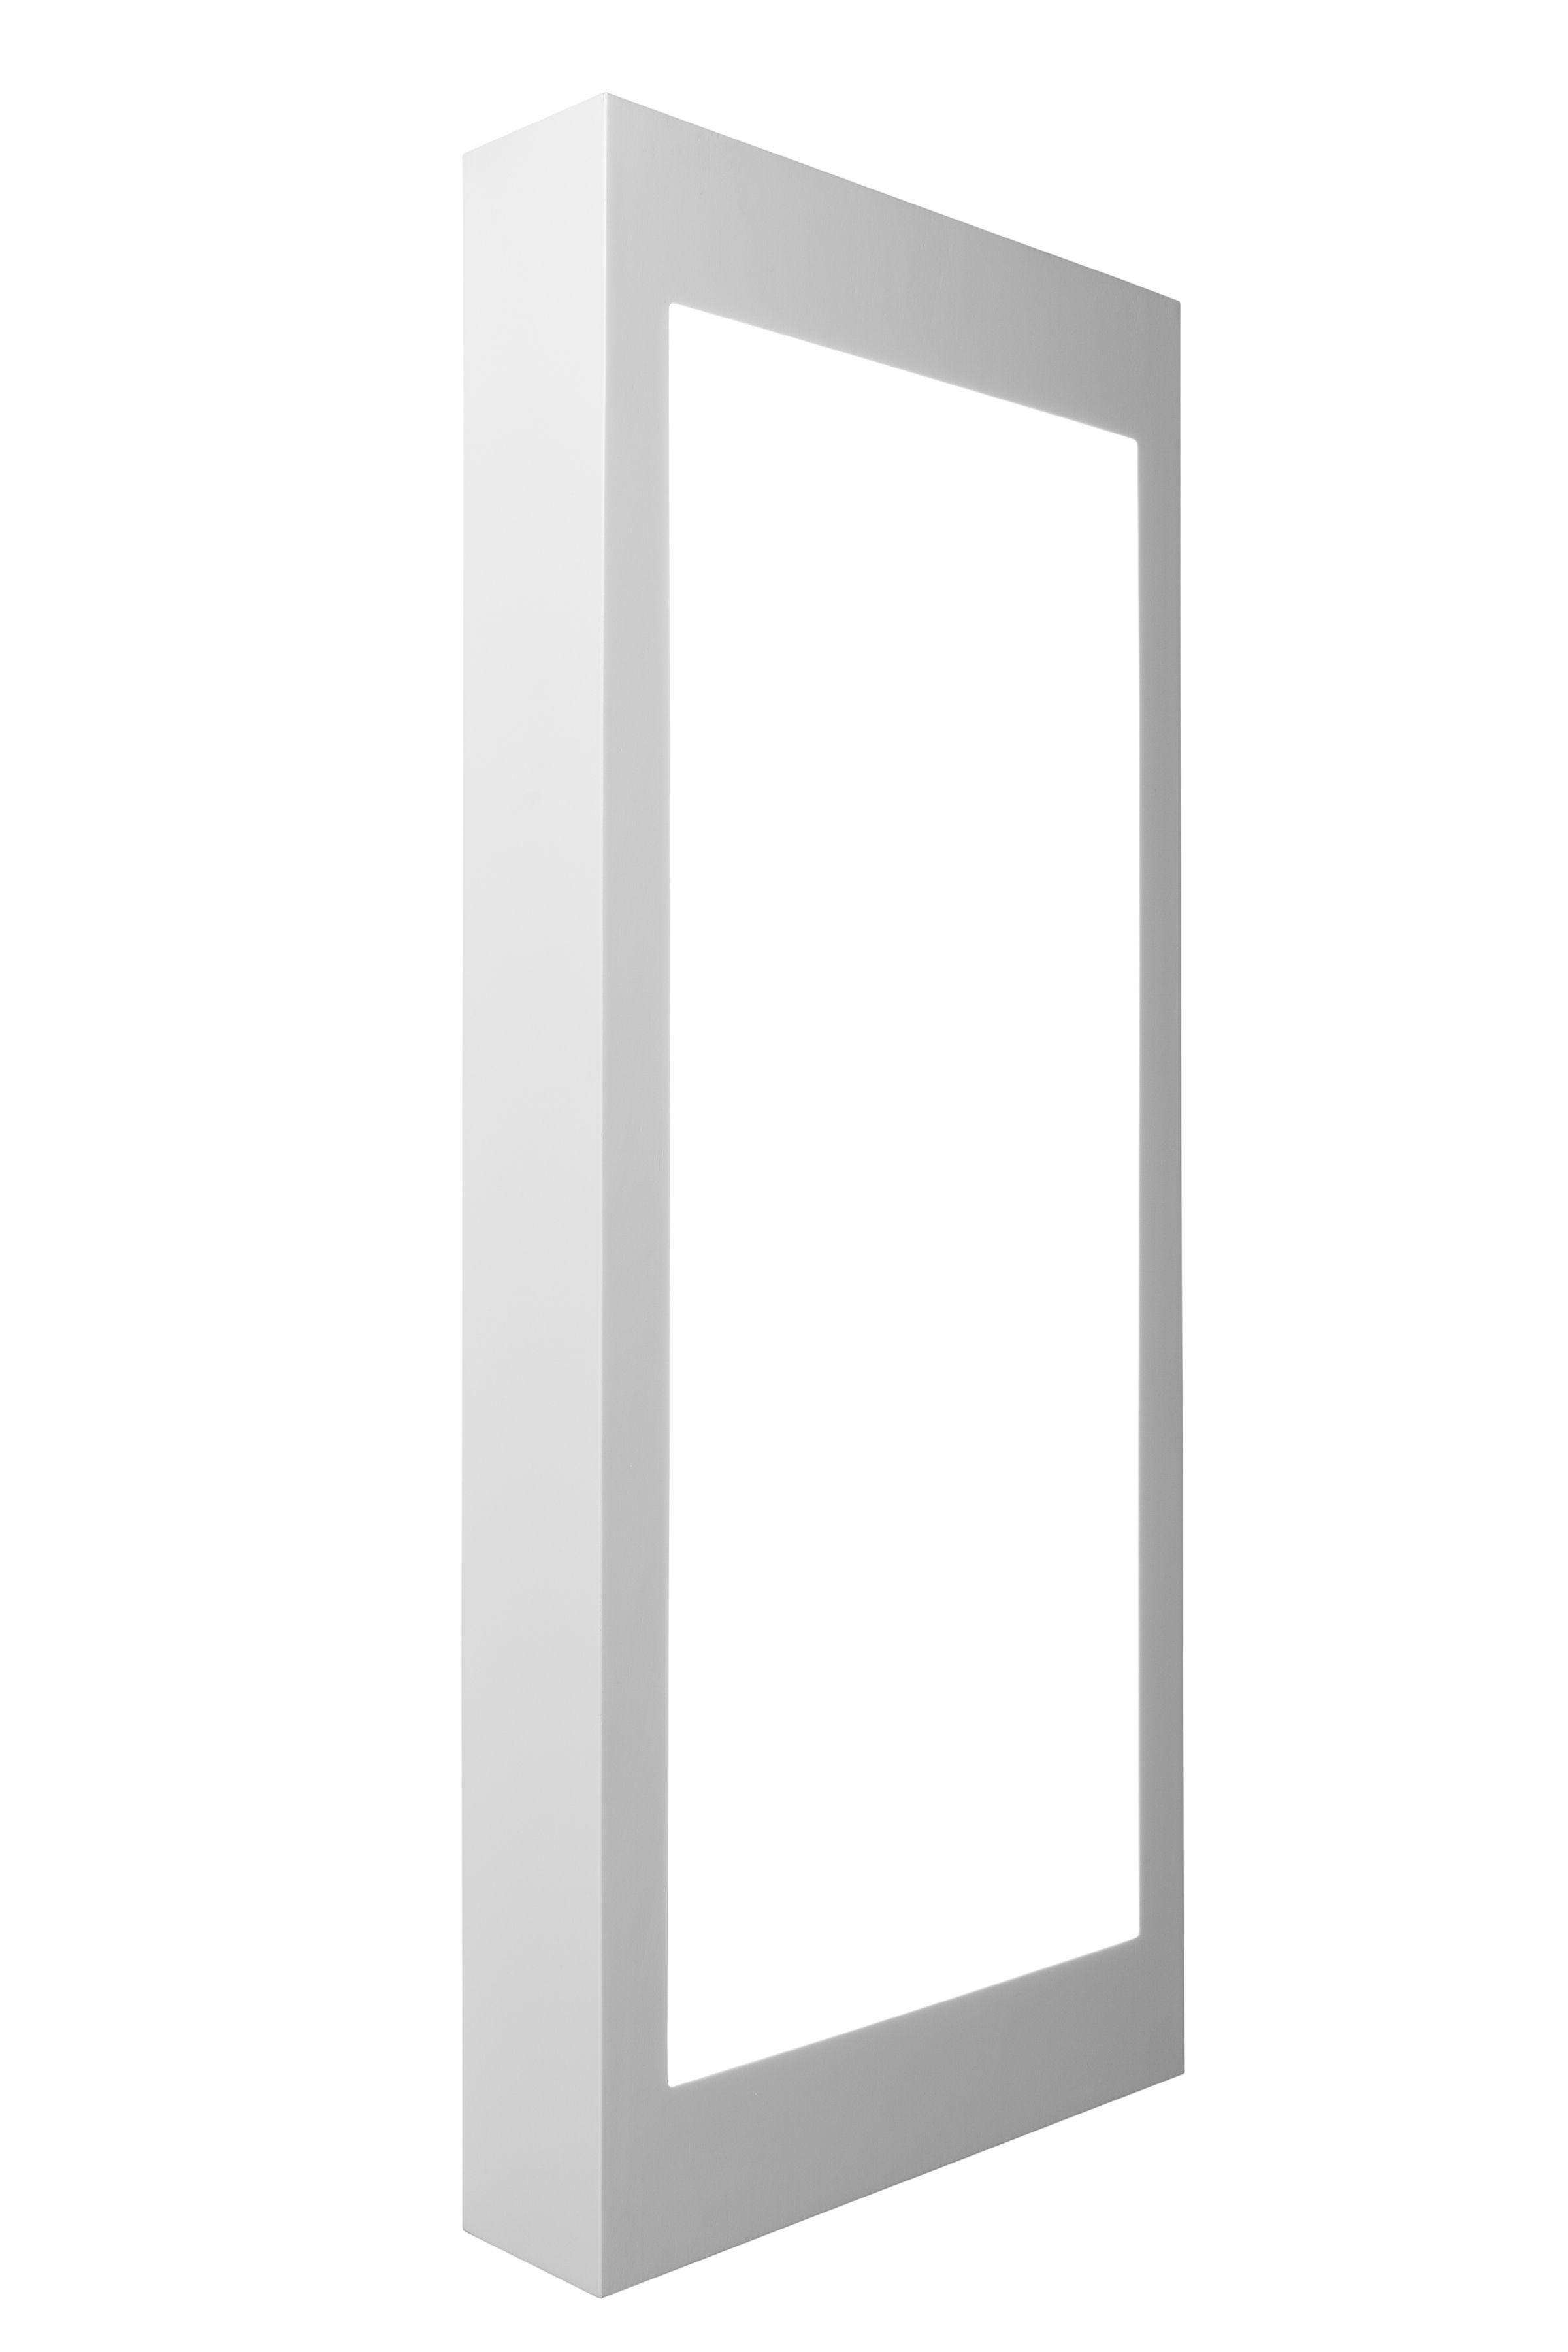 Artek White 2 Wand Stehleuchteein Tolles Design Hat Die Aussergewohnliche Artek White 2 Wand Stehleuchte Die Vom Finnischen Designer Vil Wandlampe Wand Lampen